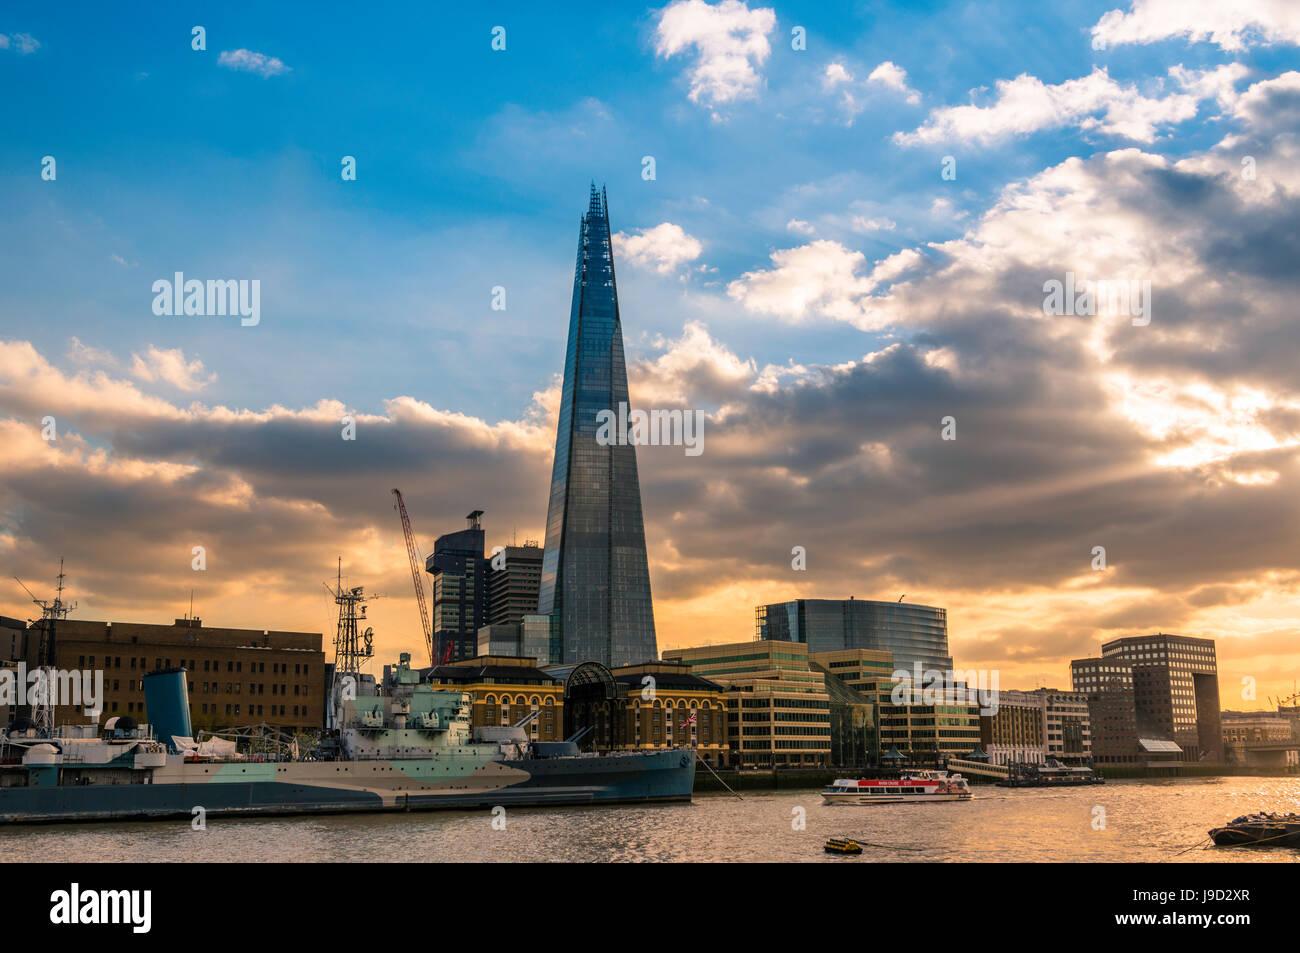 Skyline, The Shard, Thames at sunset, Southwark, London, England, United Kingdom - Stock Image